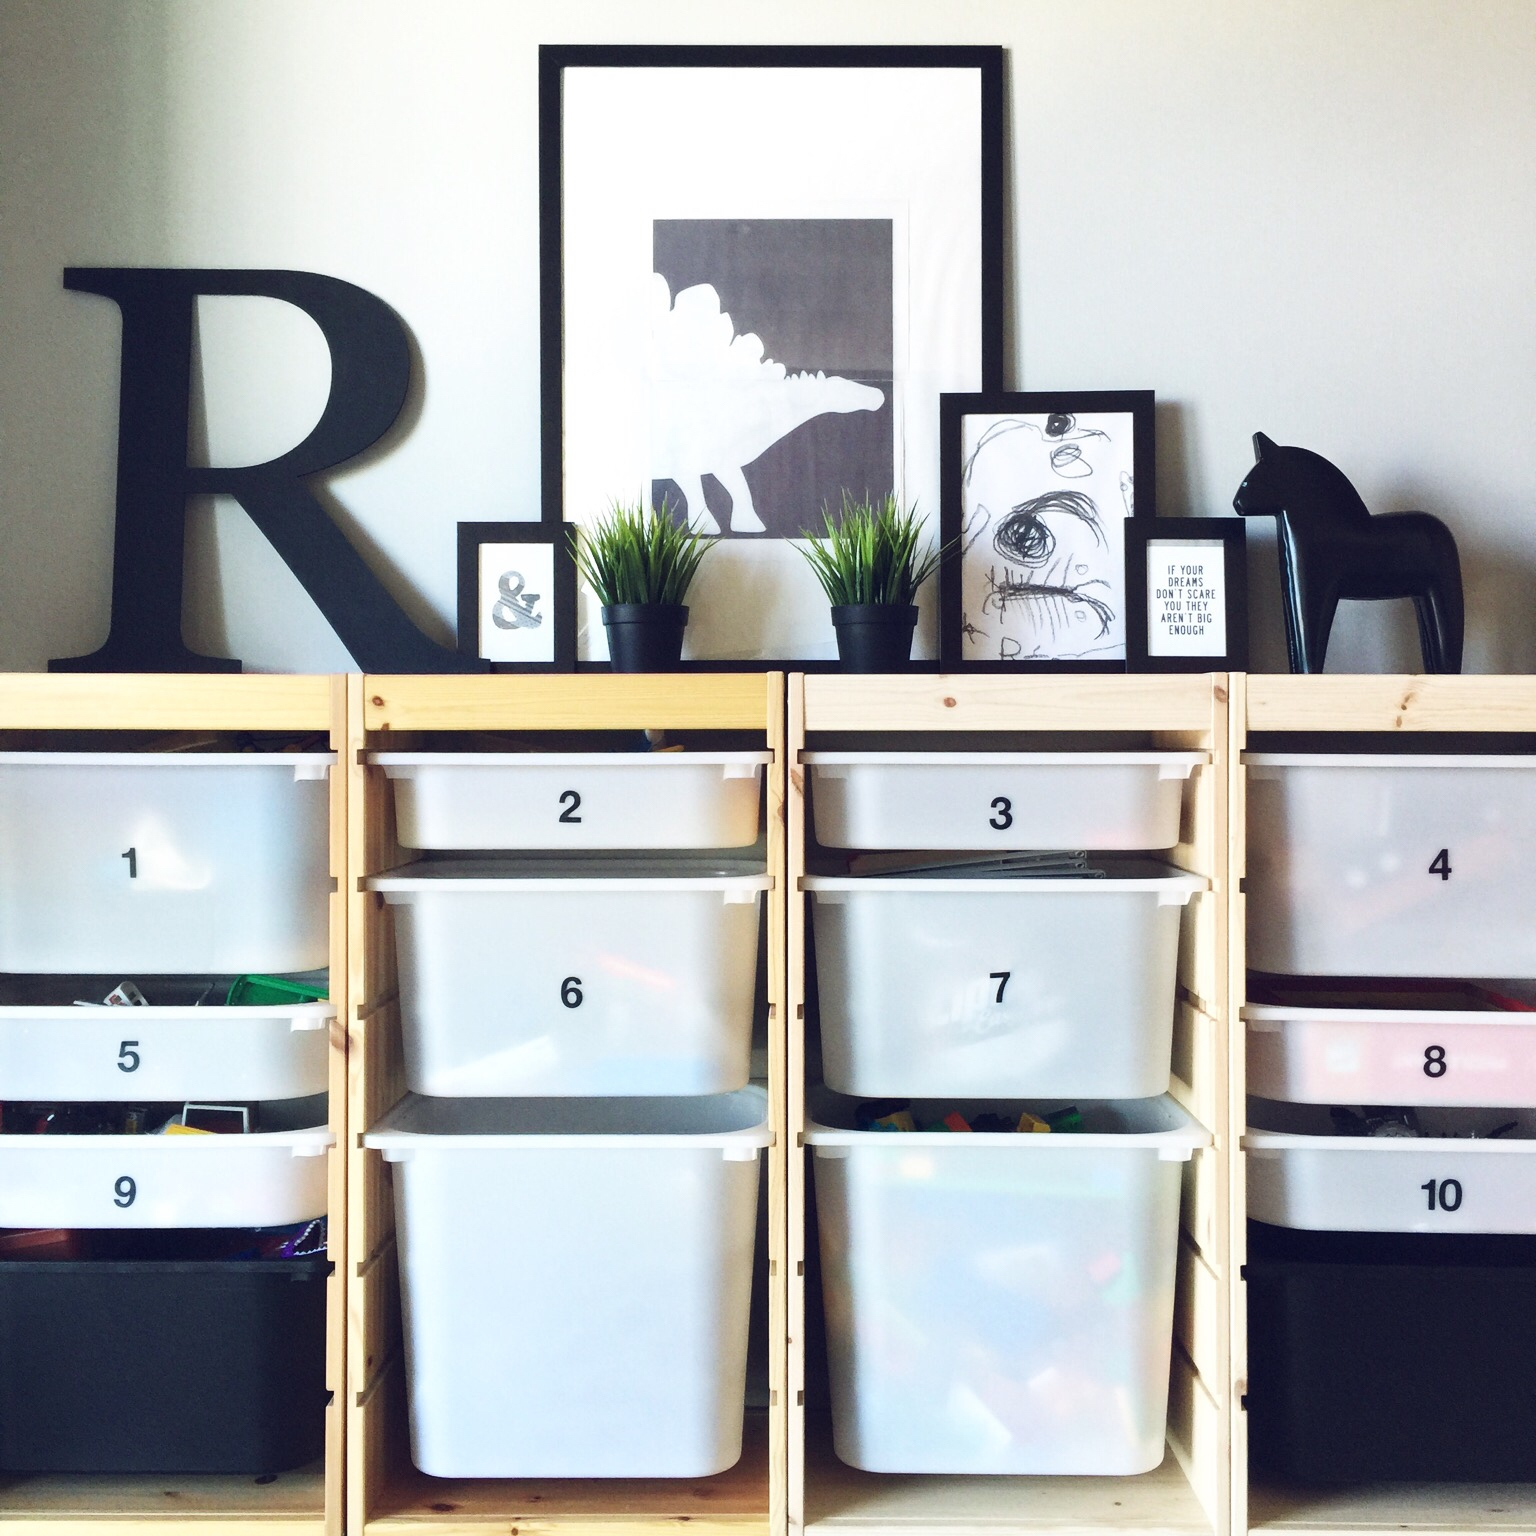 マンネリ収納を見直すマルチ収納をご紹介 | RoomClip mag | 暮らしとインテリアのwebマガジン